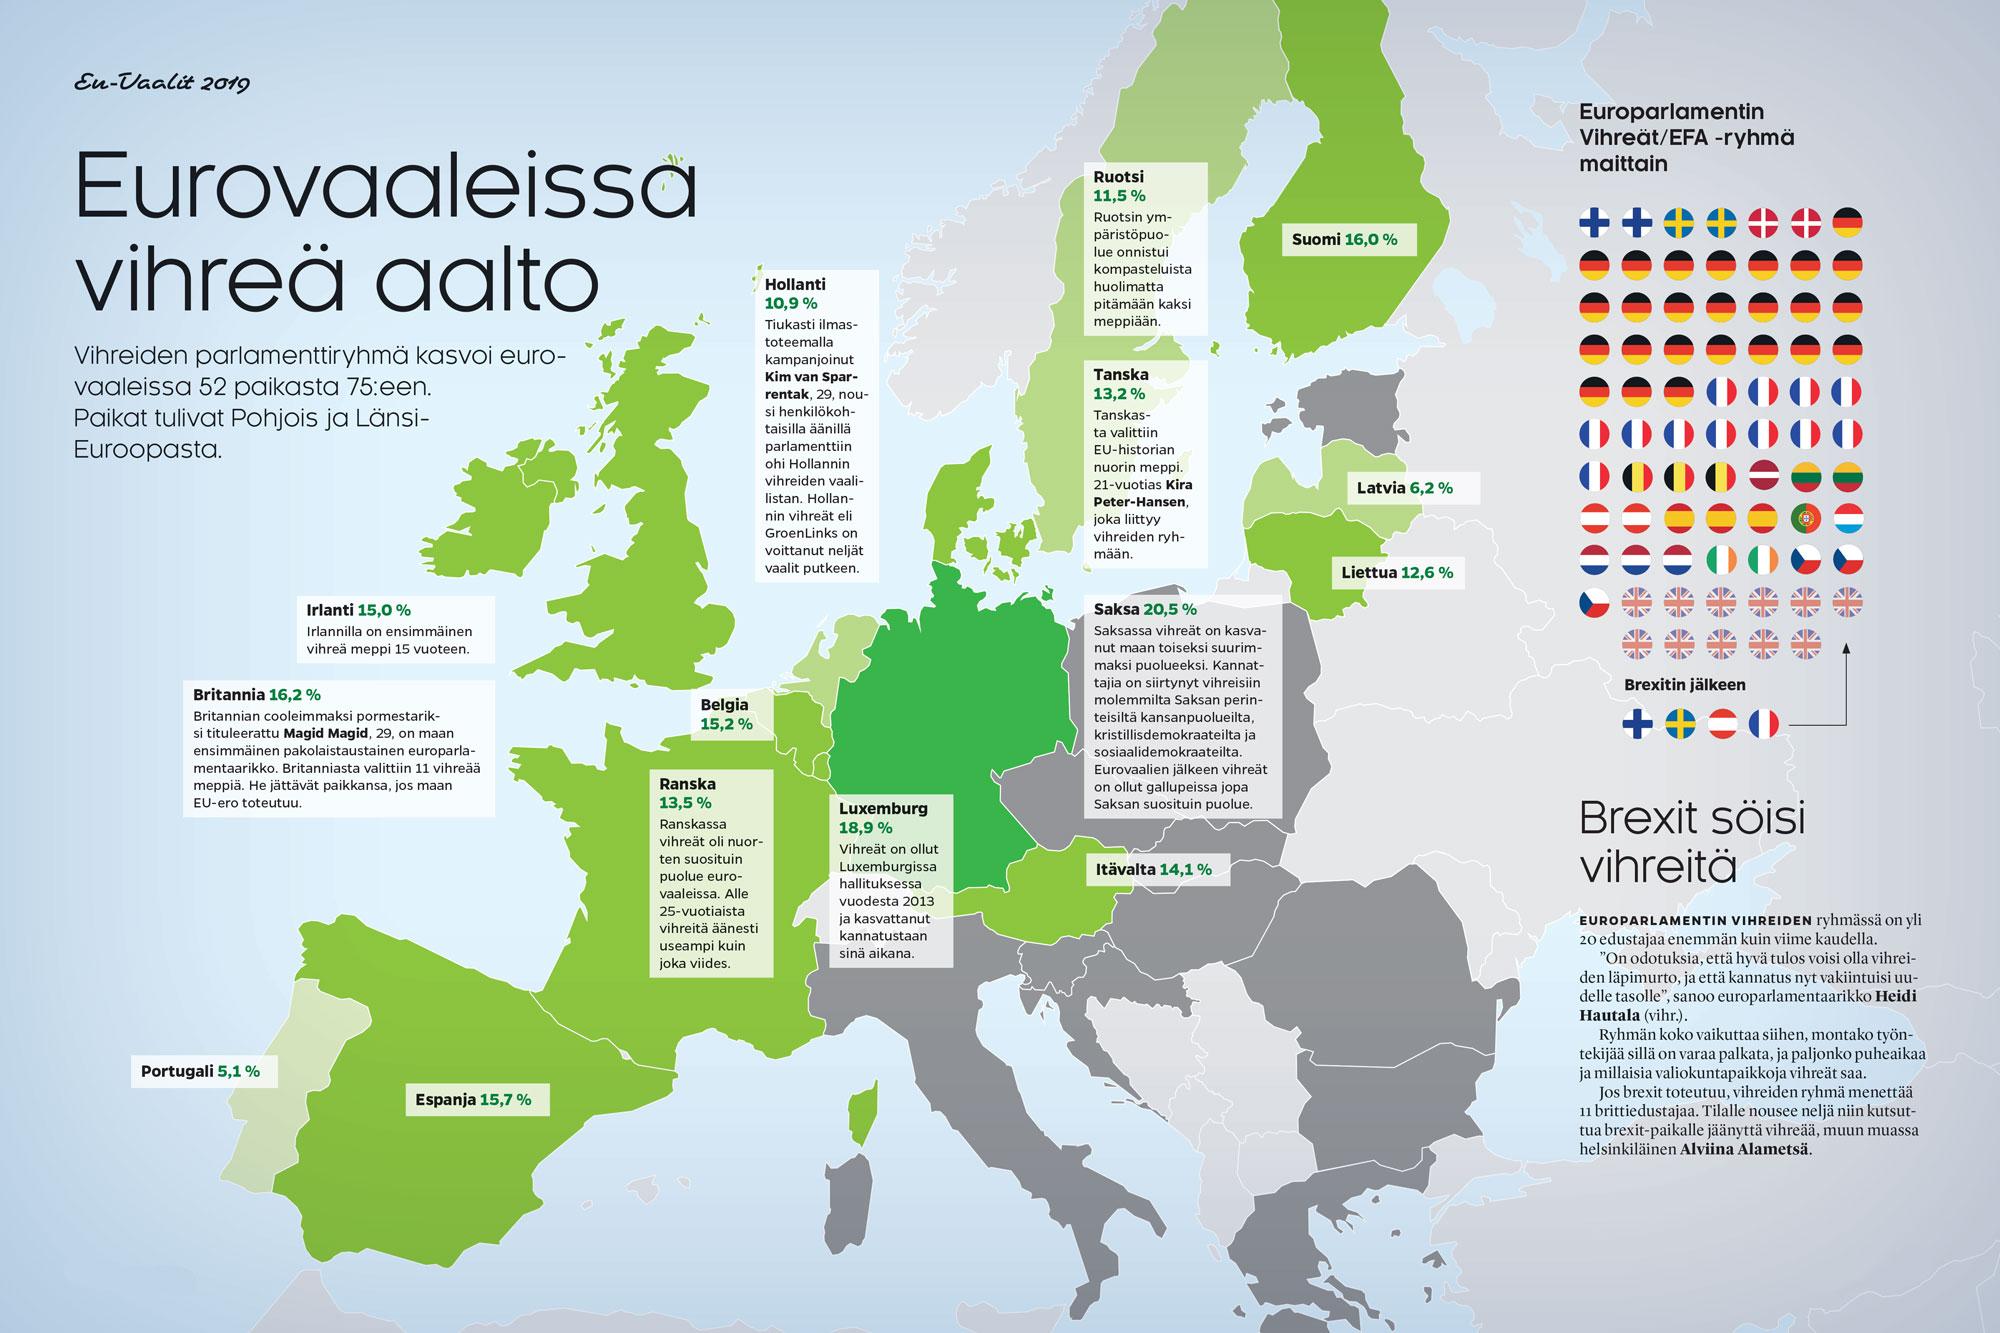 Eurovaaleissa vihreä aalto (Riikka Suominen / Iiro Törmä)